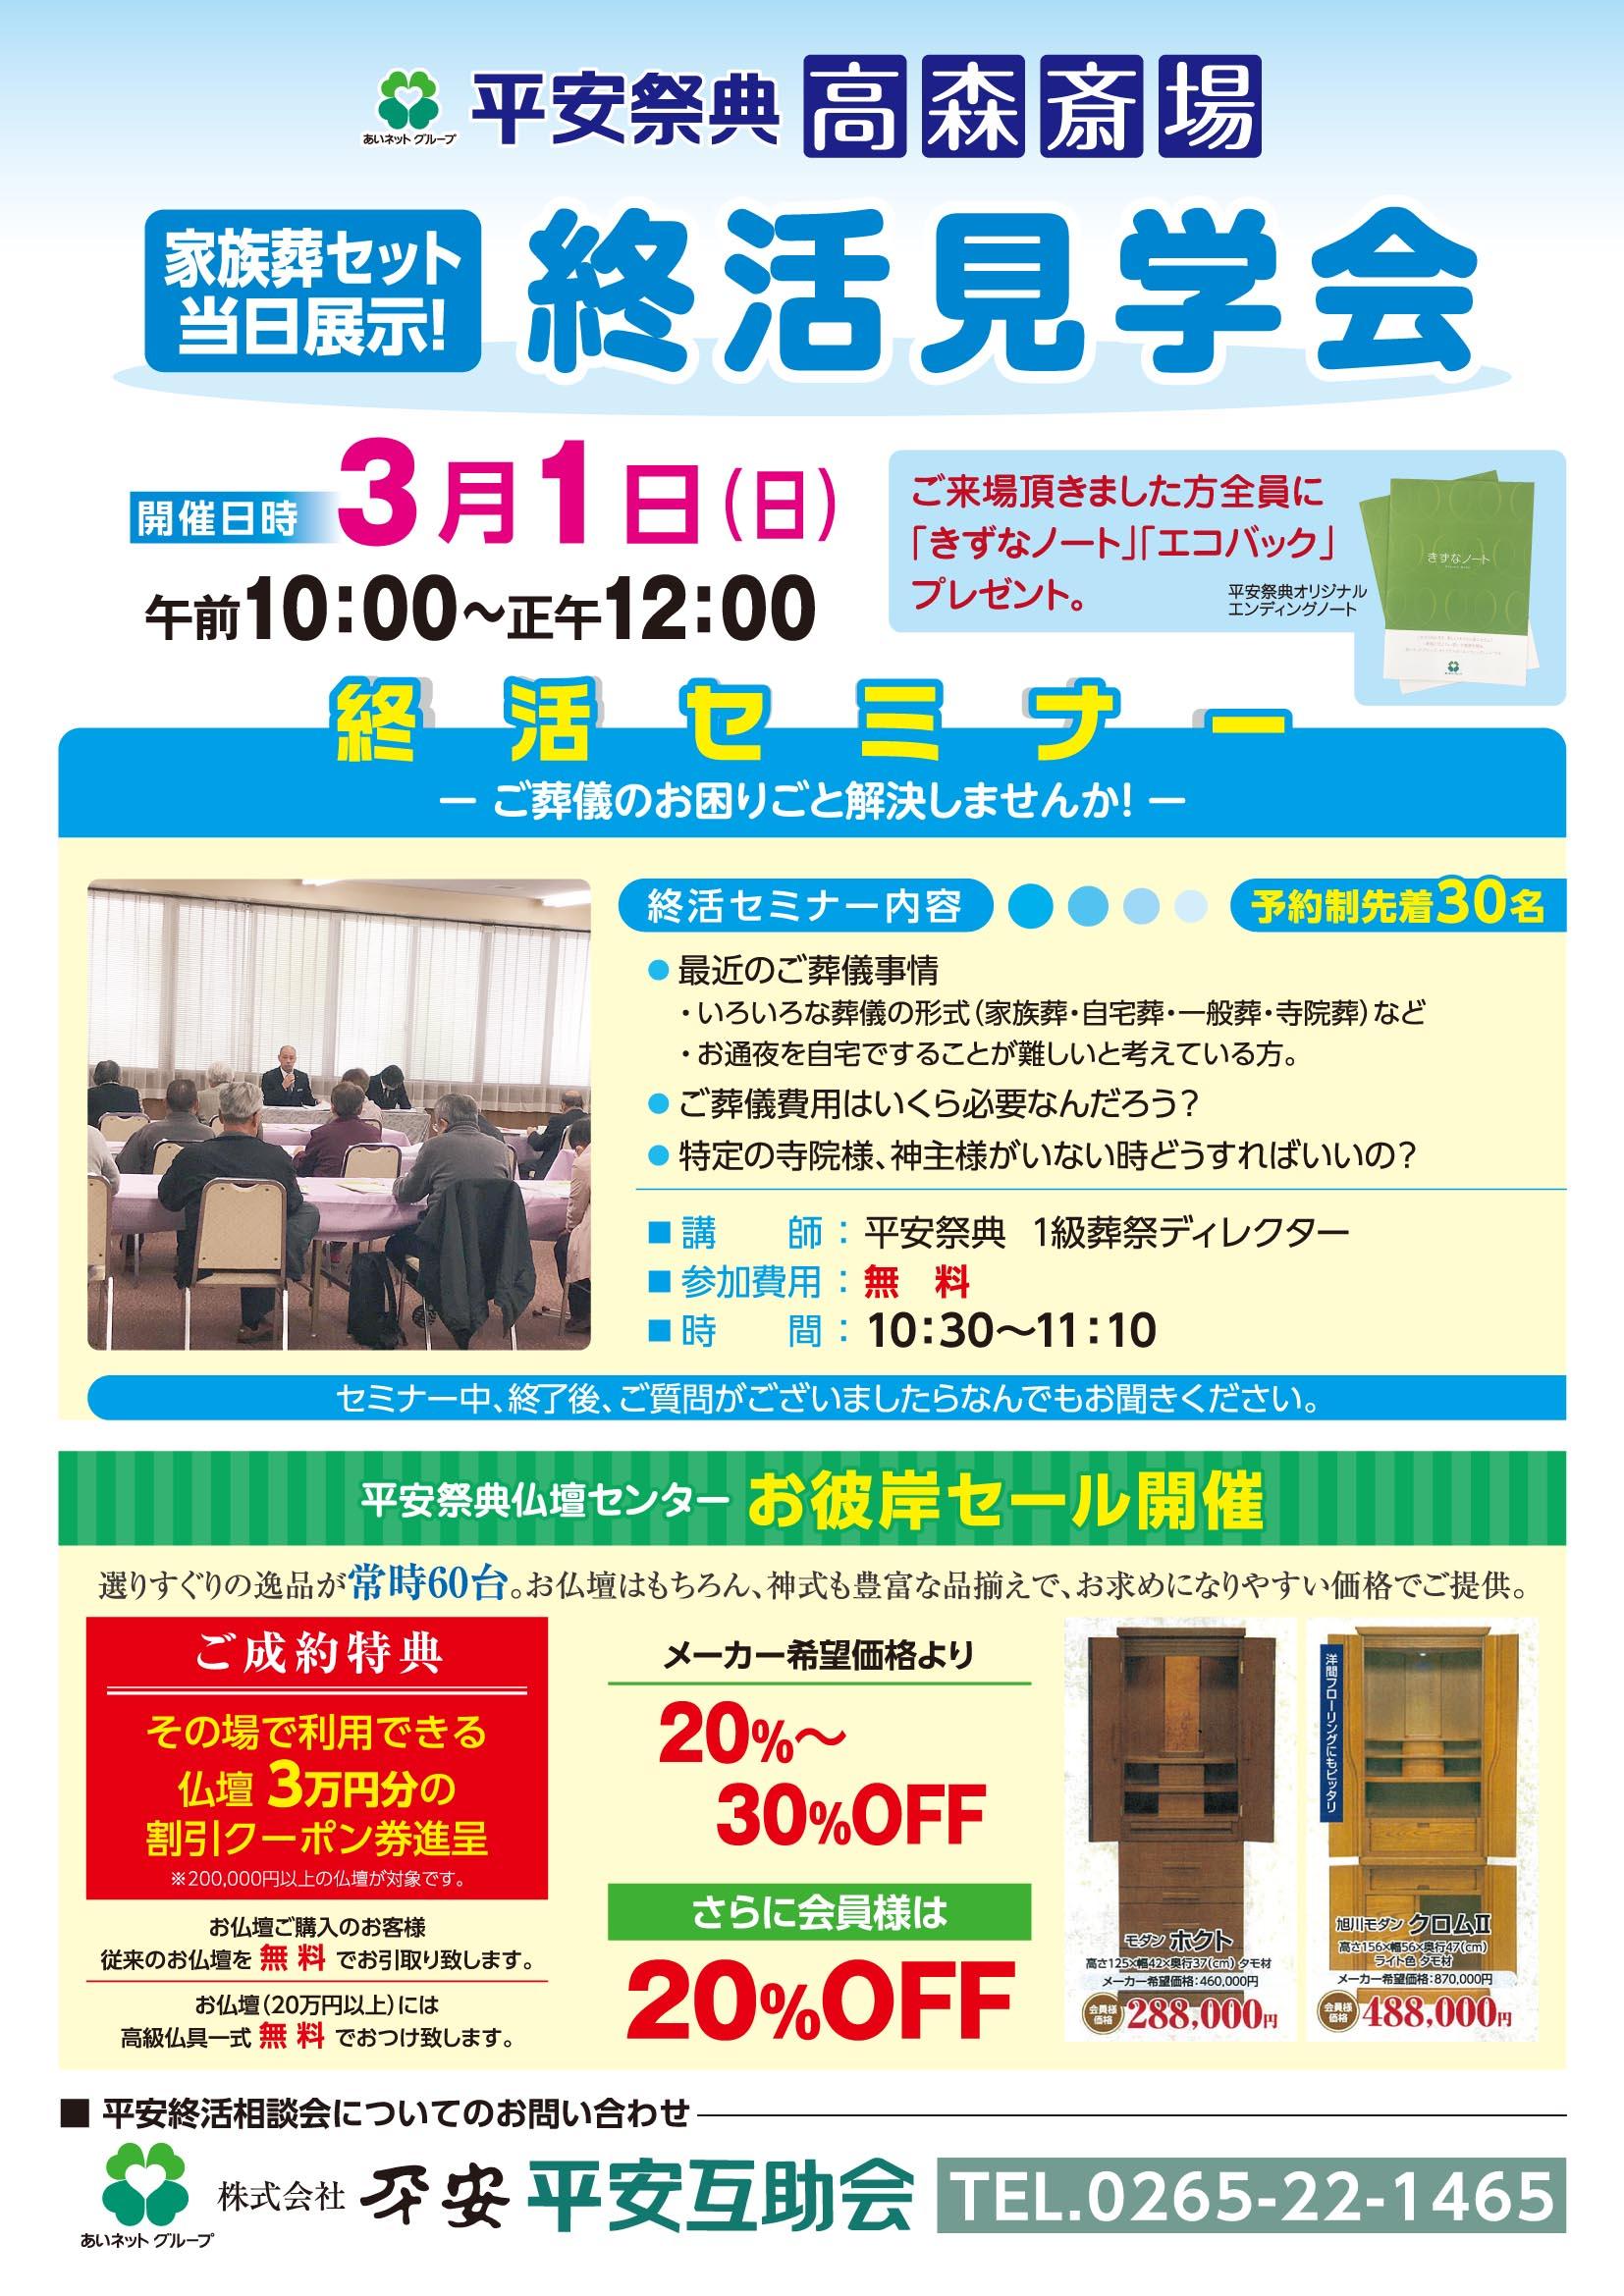 【イベント中止のお知らせ】終活見学会&仏壇センターお彼岸セール同時開催